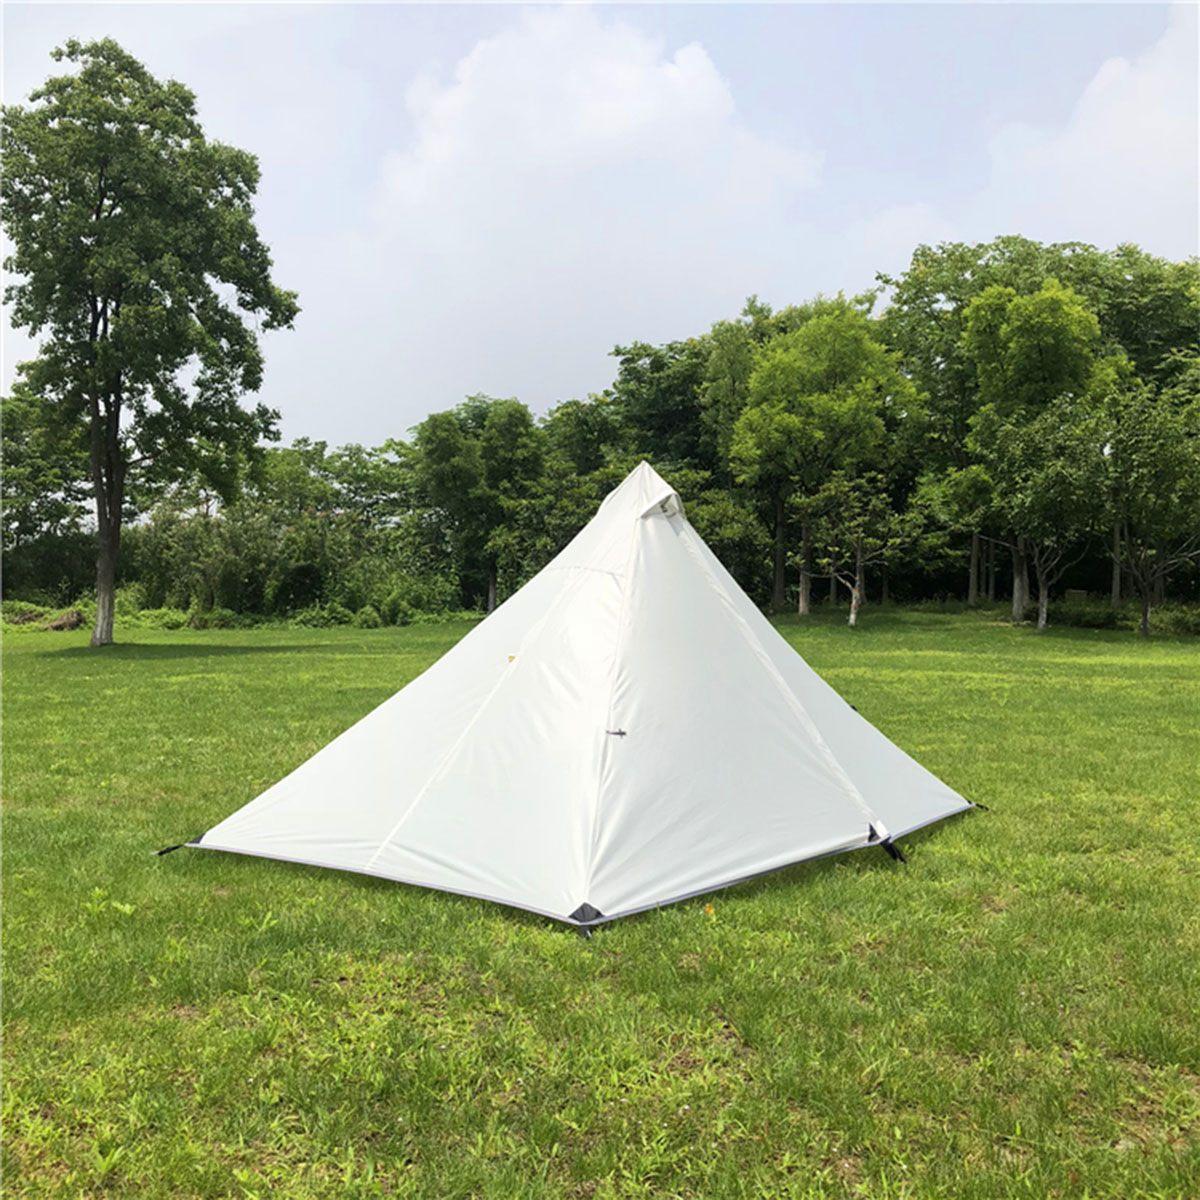 210 T extérieur personne pyramide tente sans sac à dos imperméable léger randonnée Camping randonnée pêche tentes ultra-légères